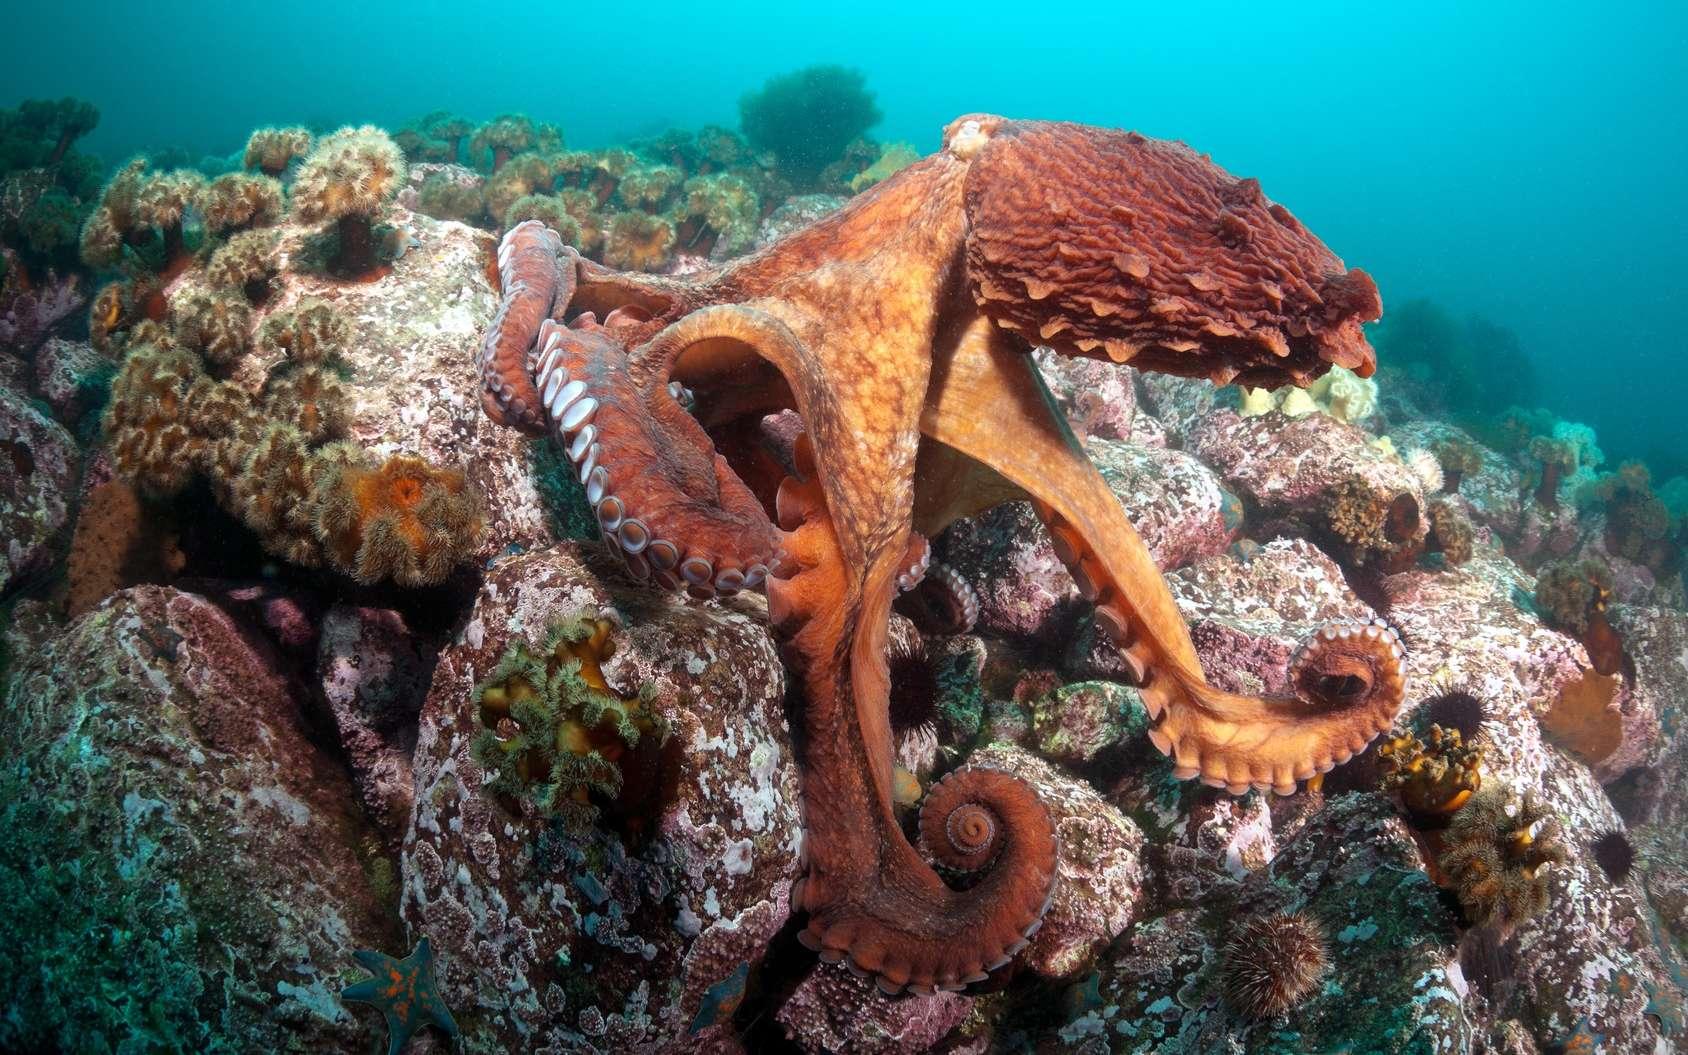 Il n'y aurait pas qu'une espèce de pieuvres géantes du Pacifique. © Anion, Fotolia